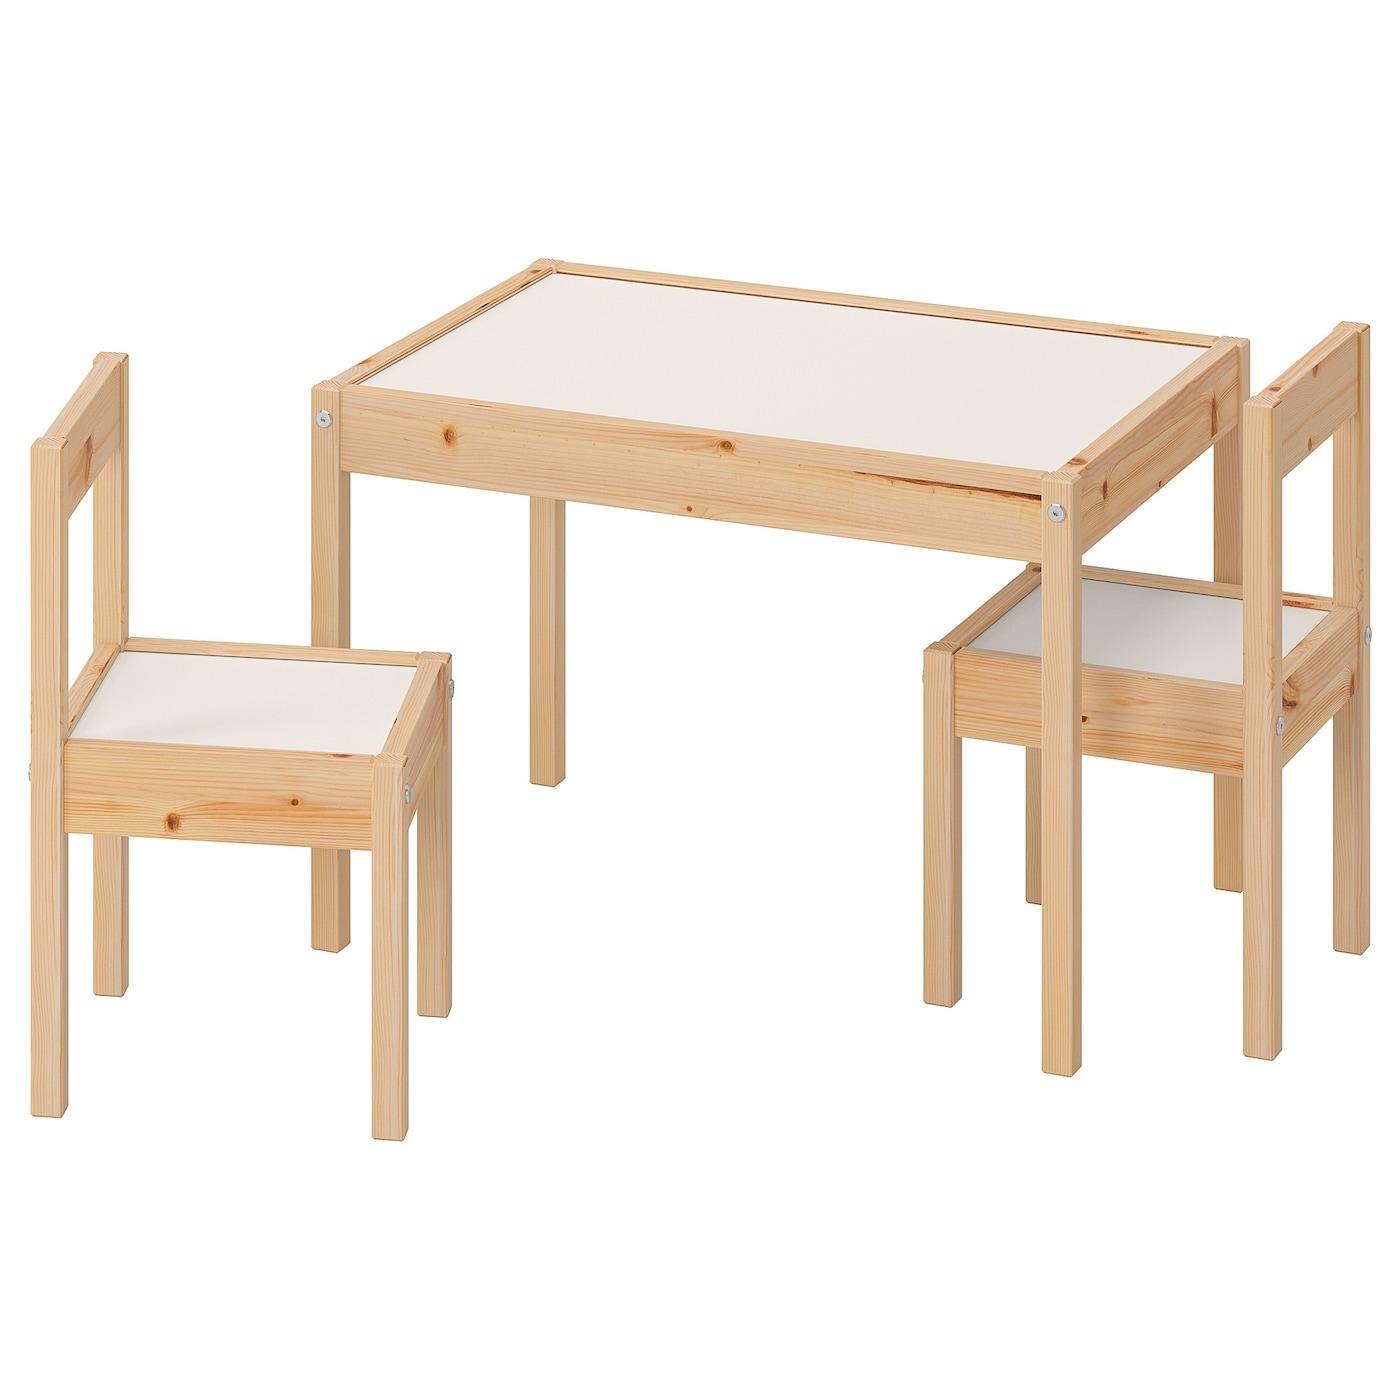 Kindertisch Set mit 2 Stühlen Kindermöbel Sitzgruppe Kids Tisch Set Kindermöbel